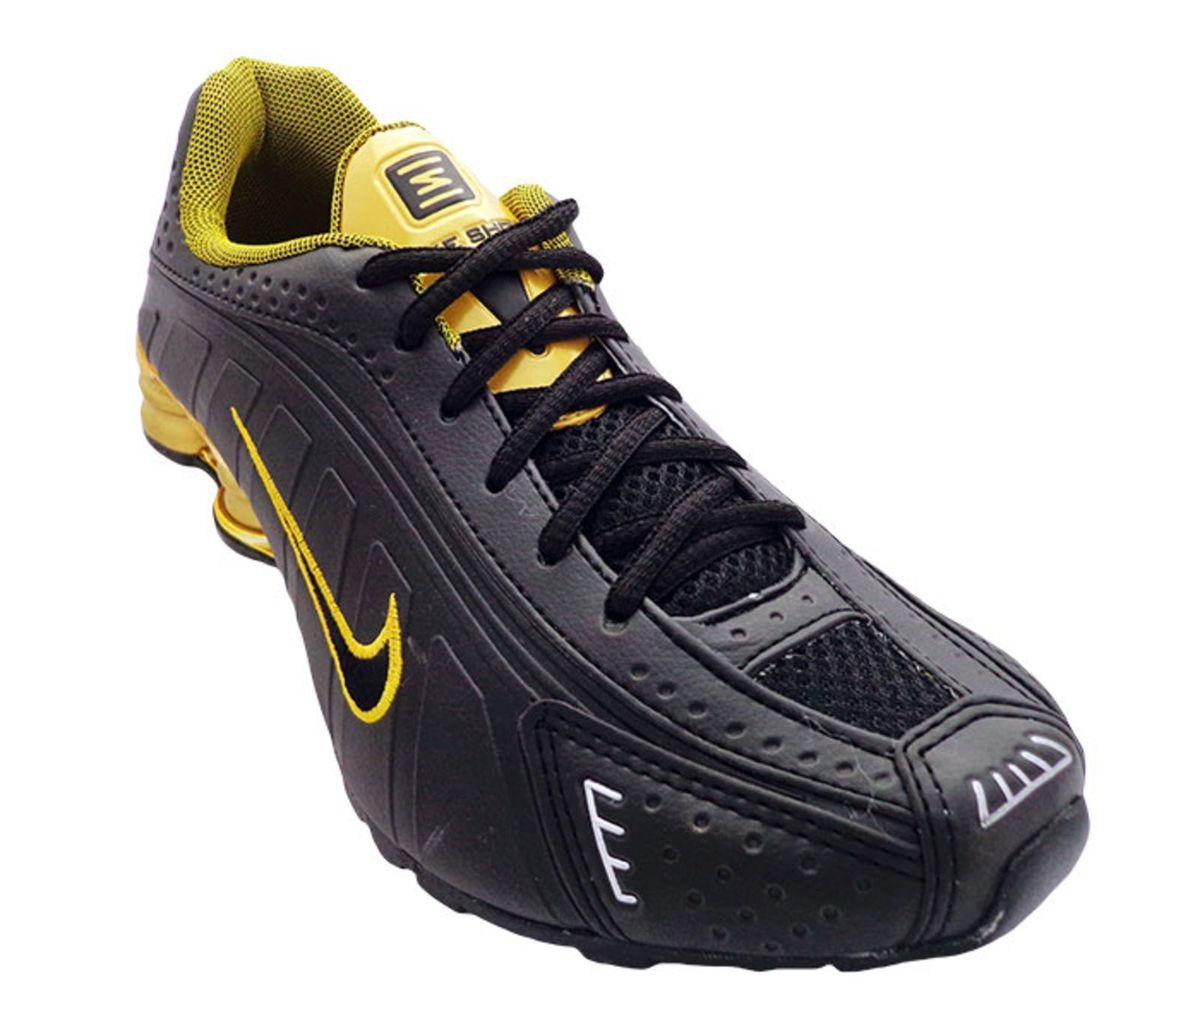 1a8d755dc71 Tênis Nike Shox R4 Cromado